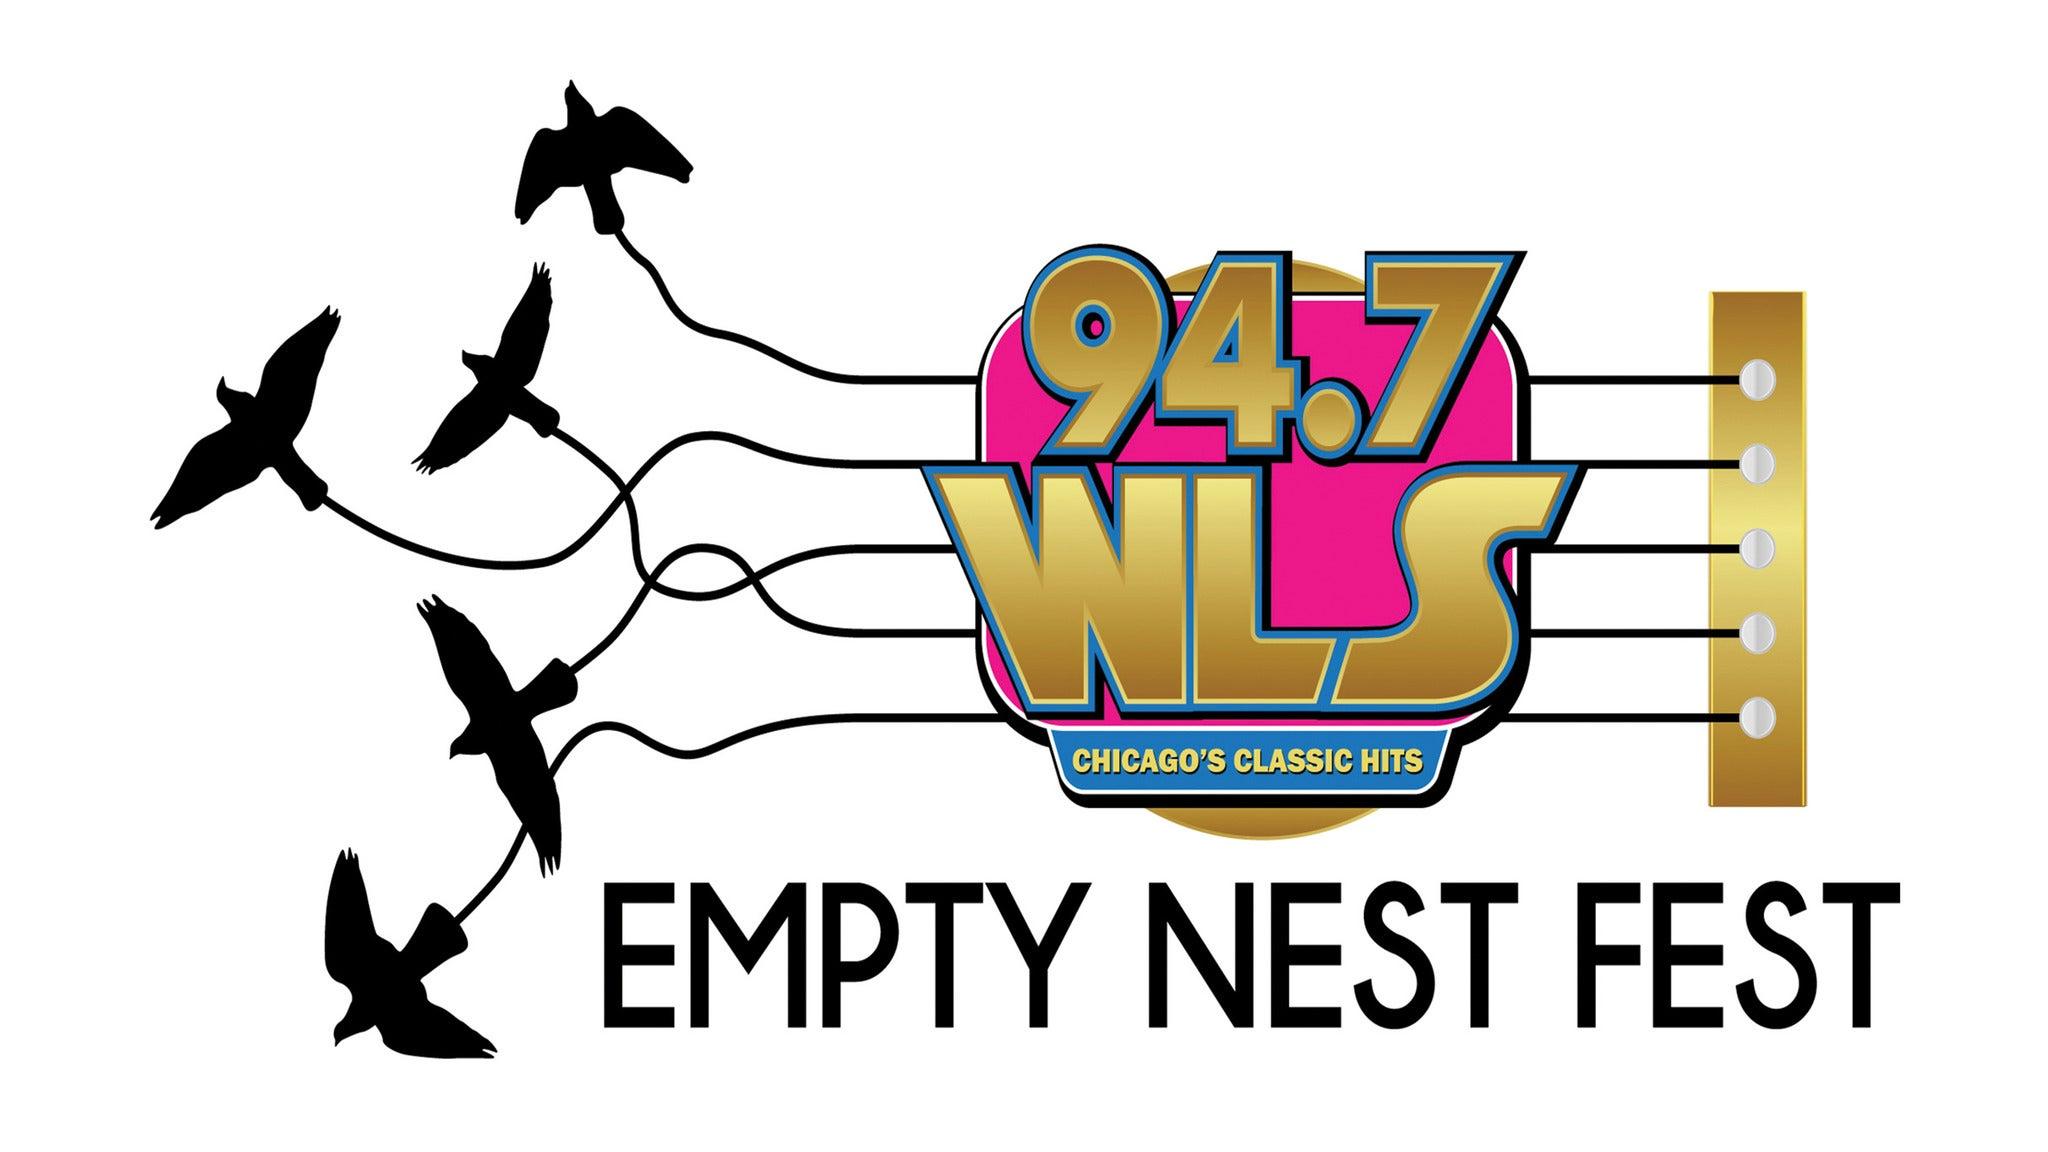 WLS 94.7 Empty Nest Fest